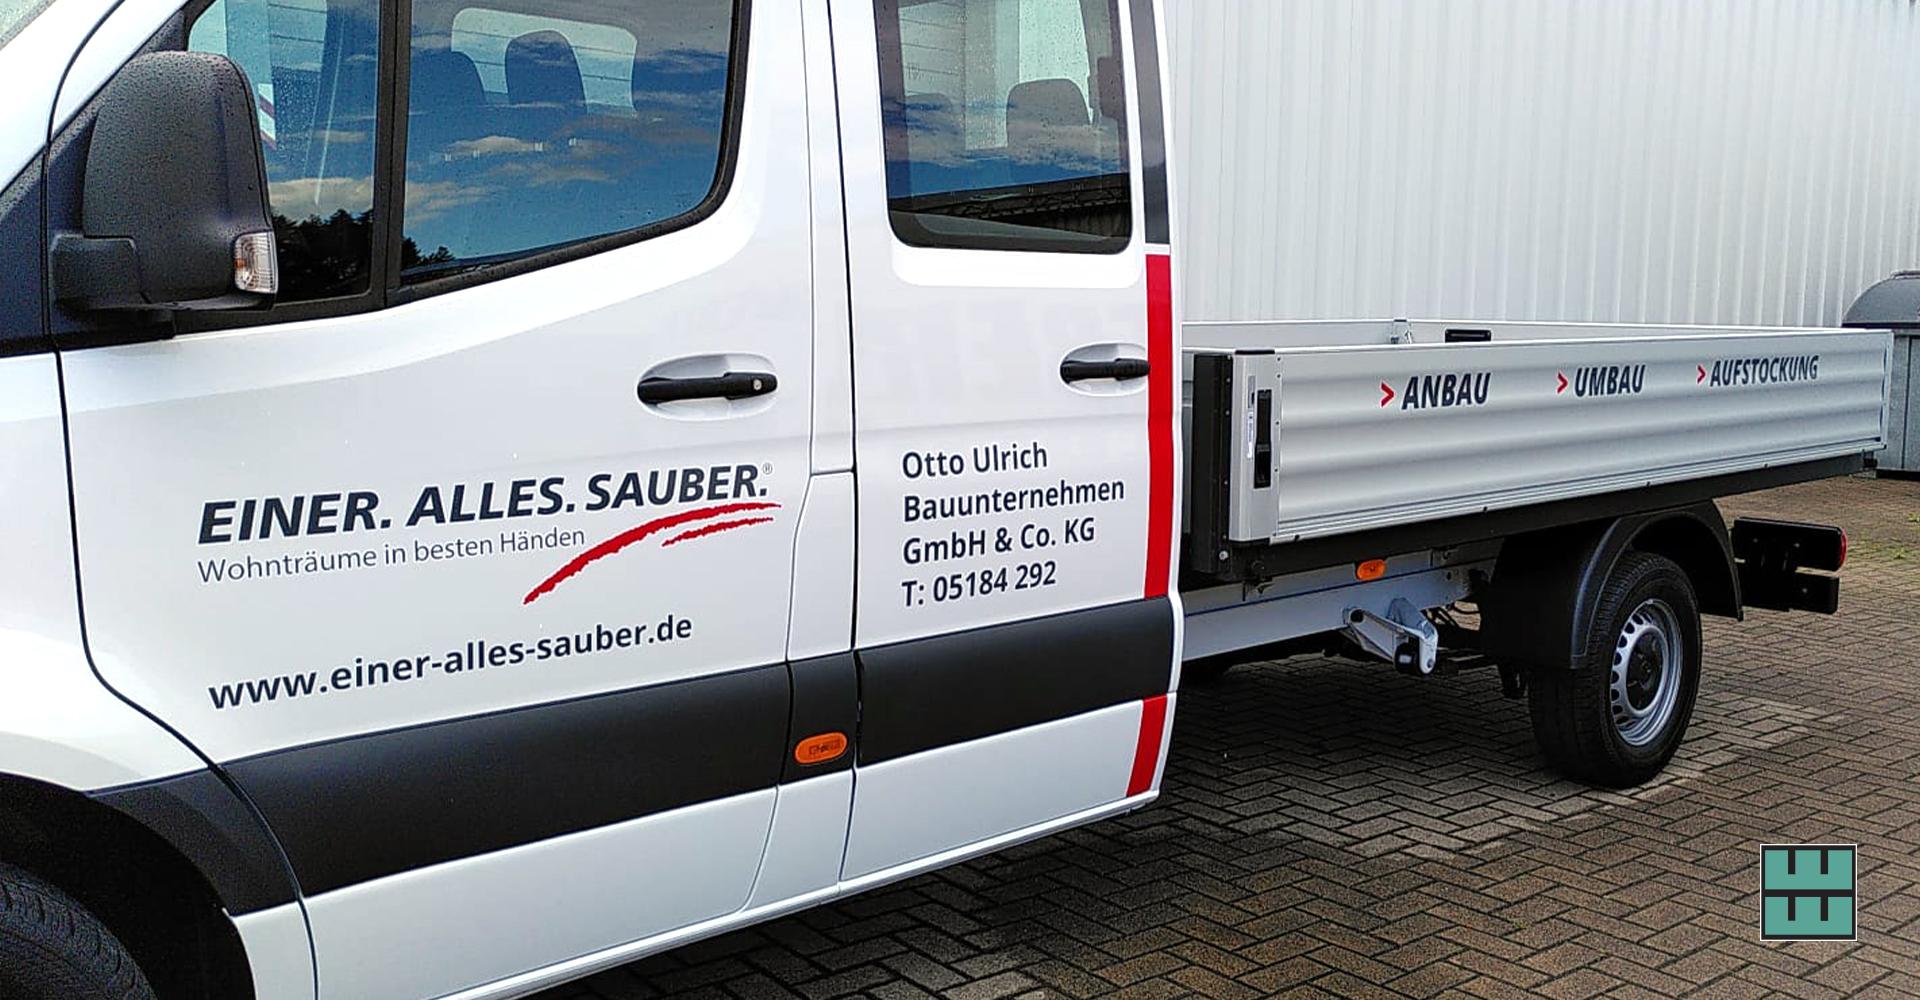 Neue KFZ-Beschriftung für das Bauunternehmen Otto Ulrich